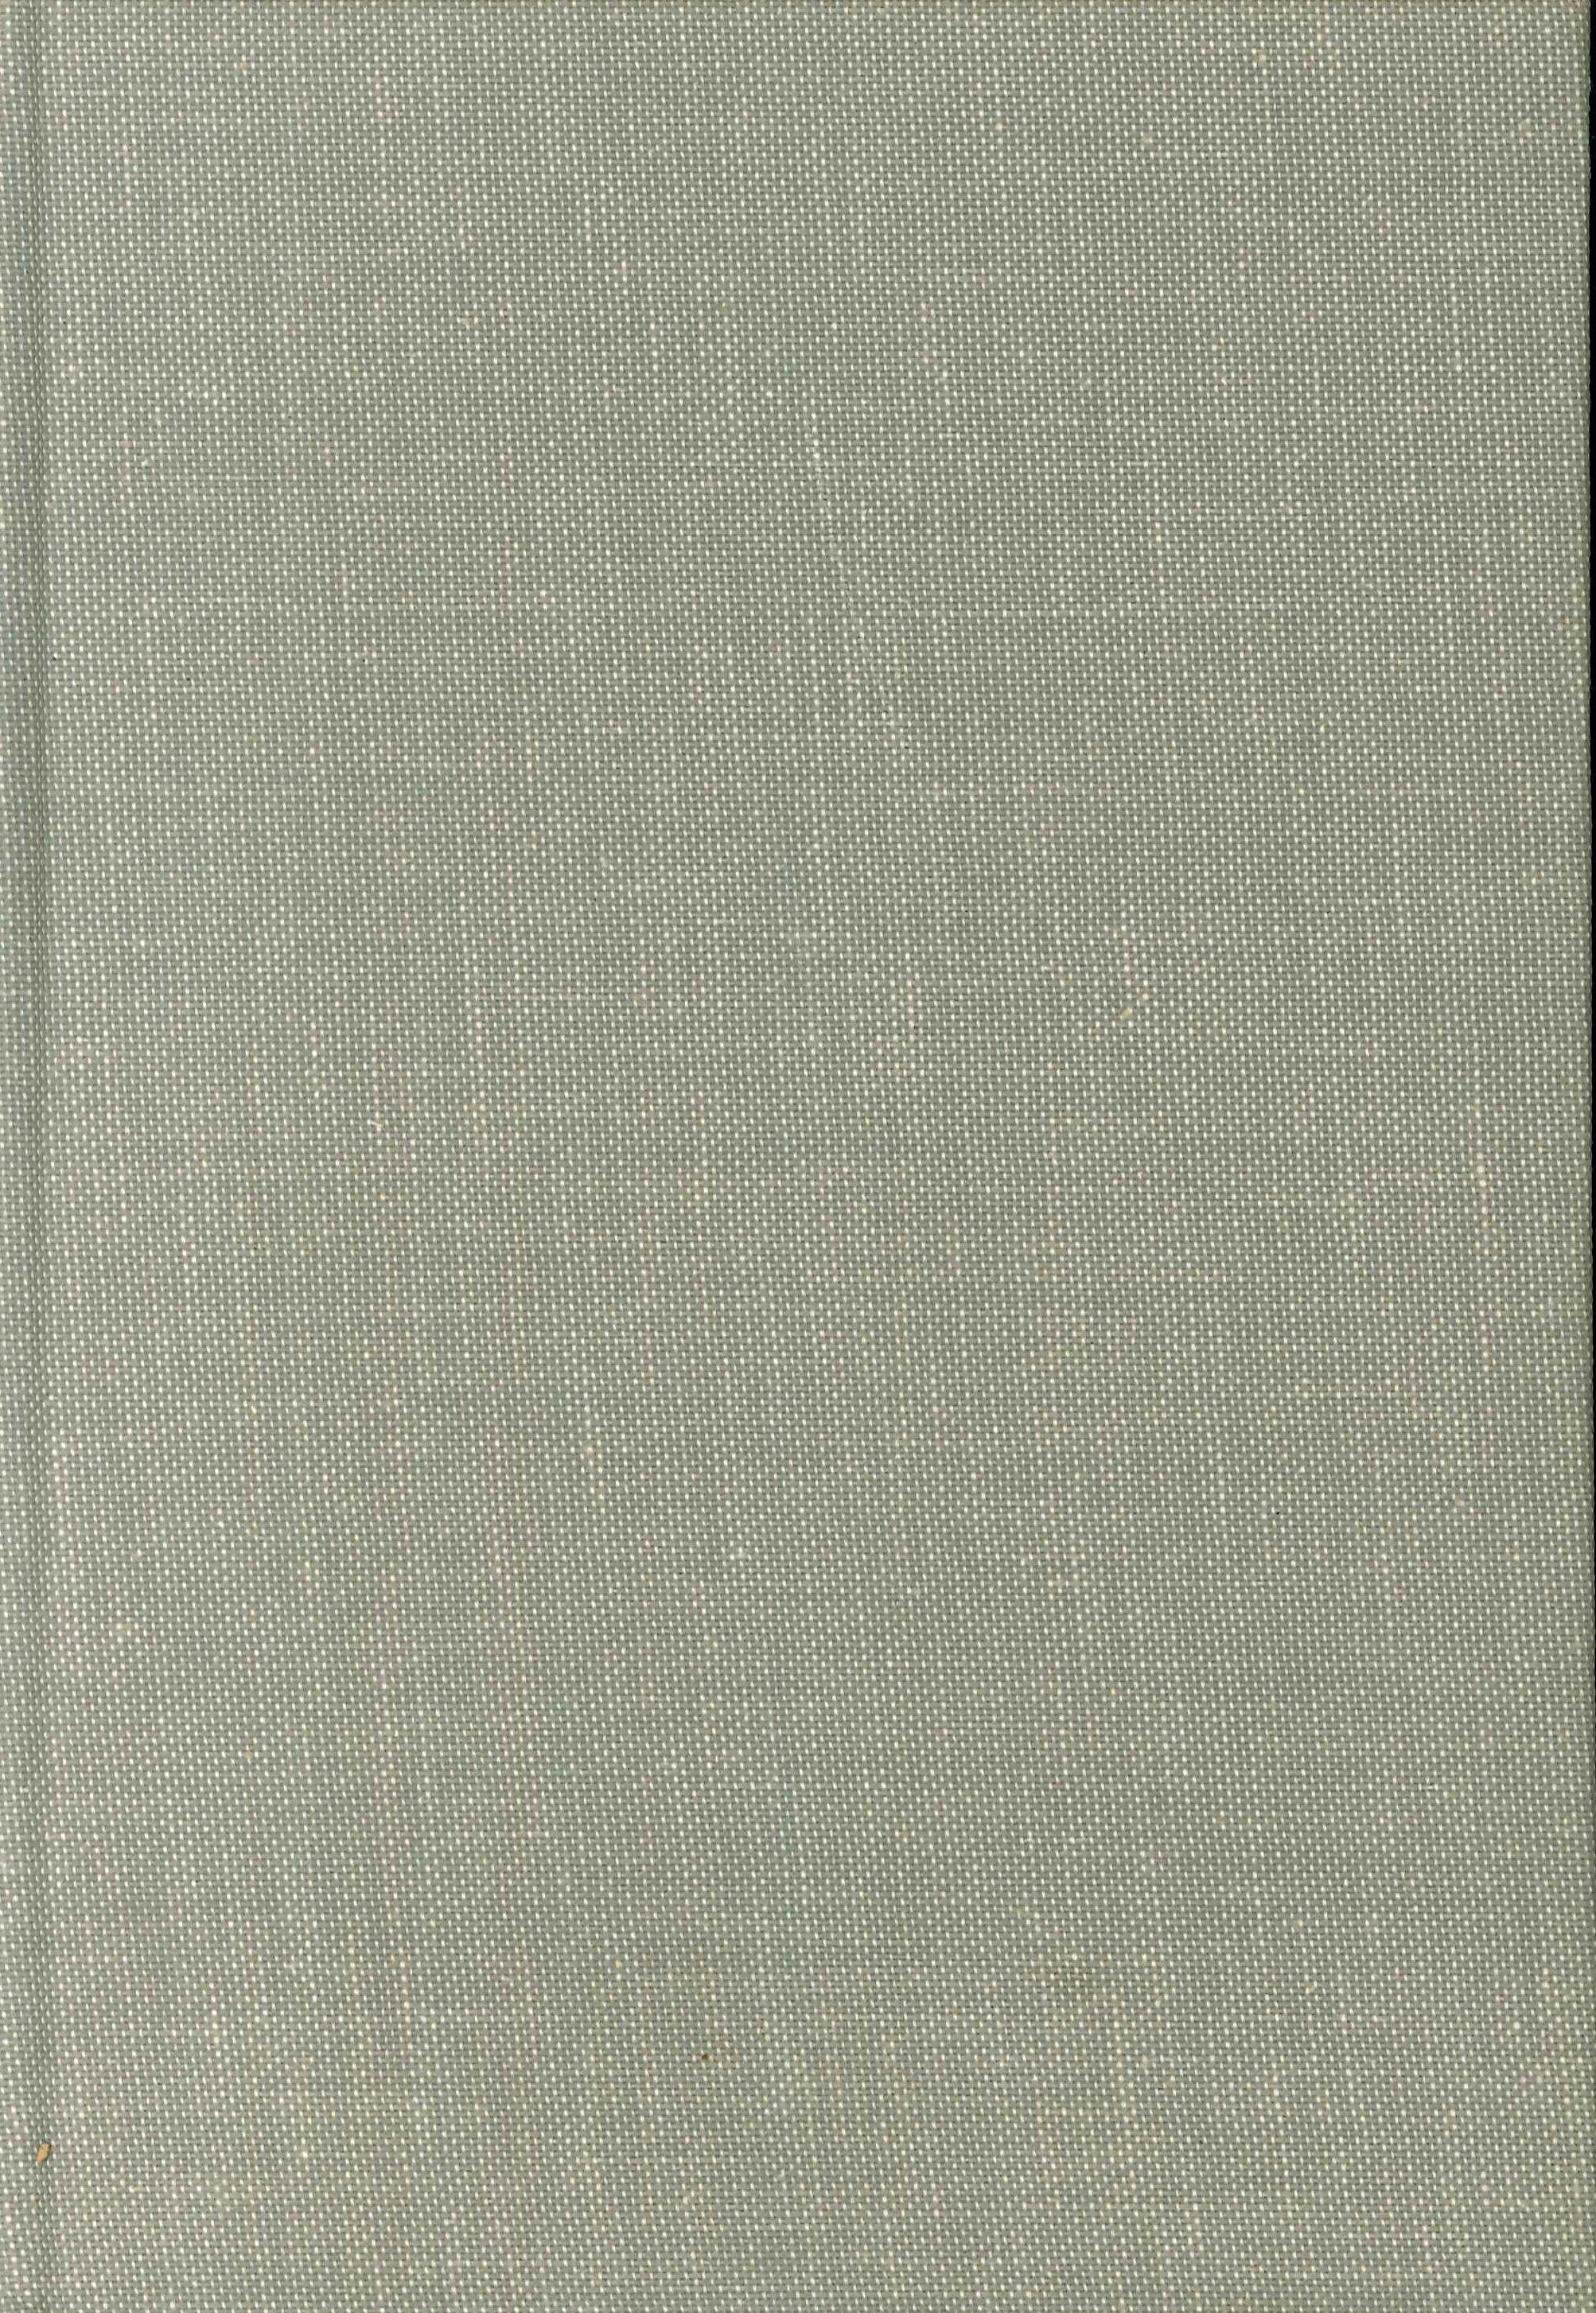 Lorenzo De' Medici. Lettere I (1460-1474)